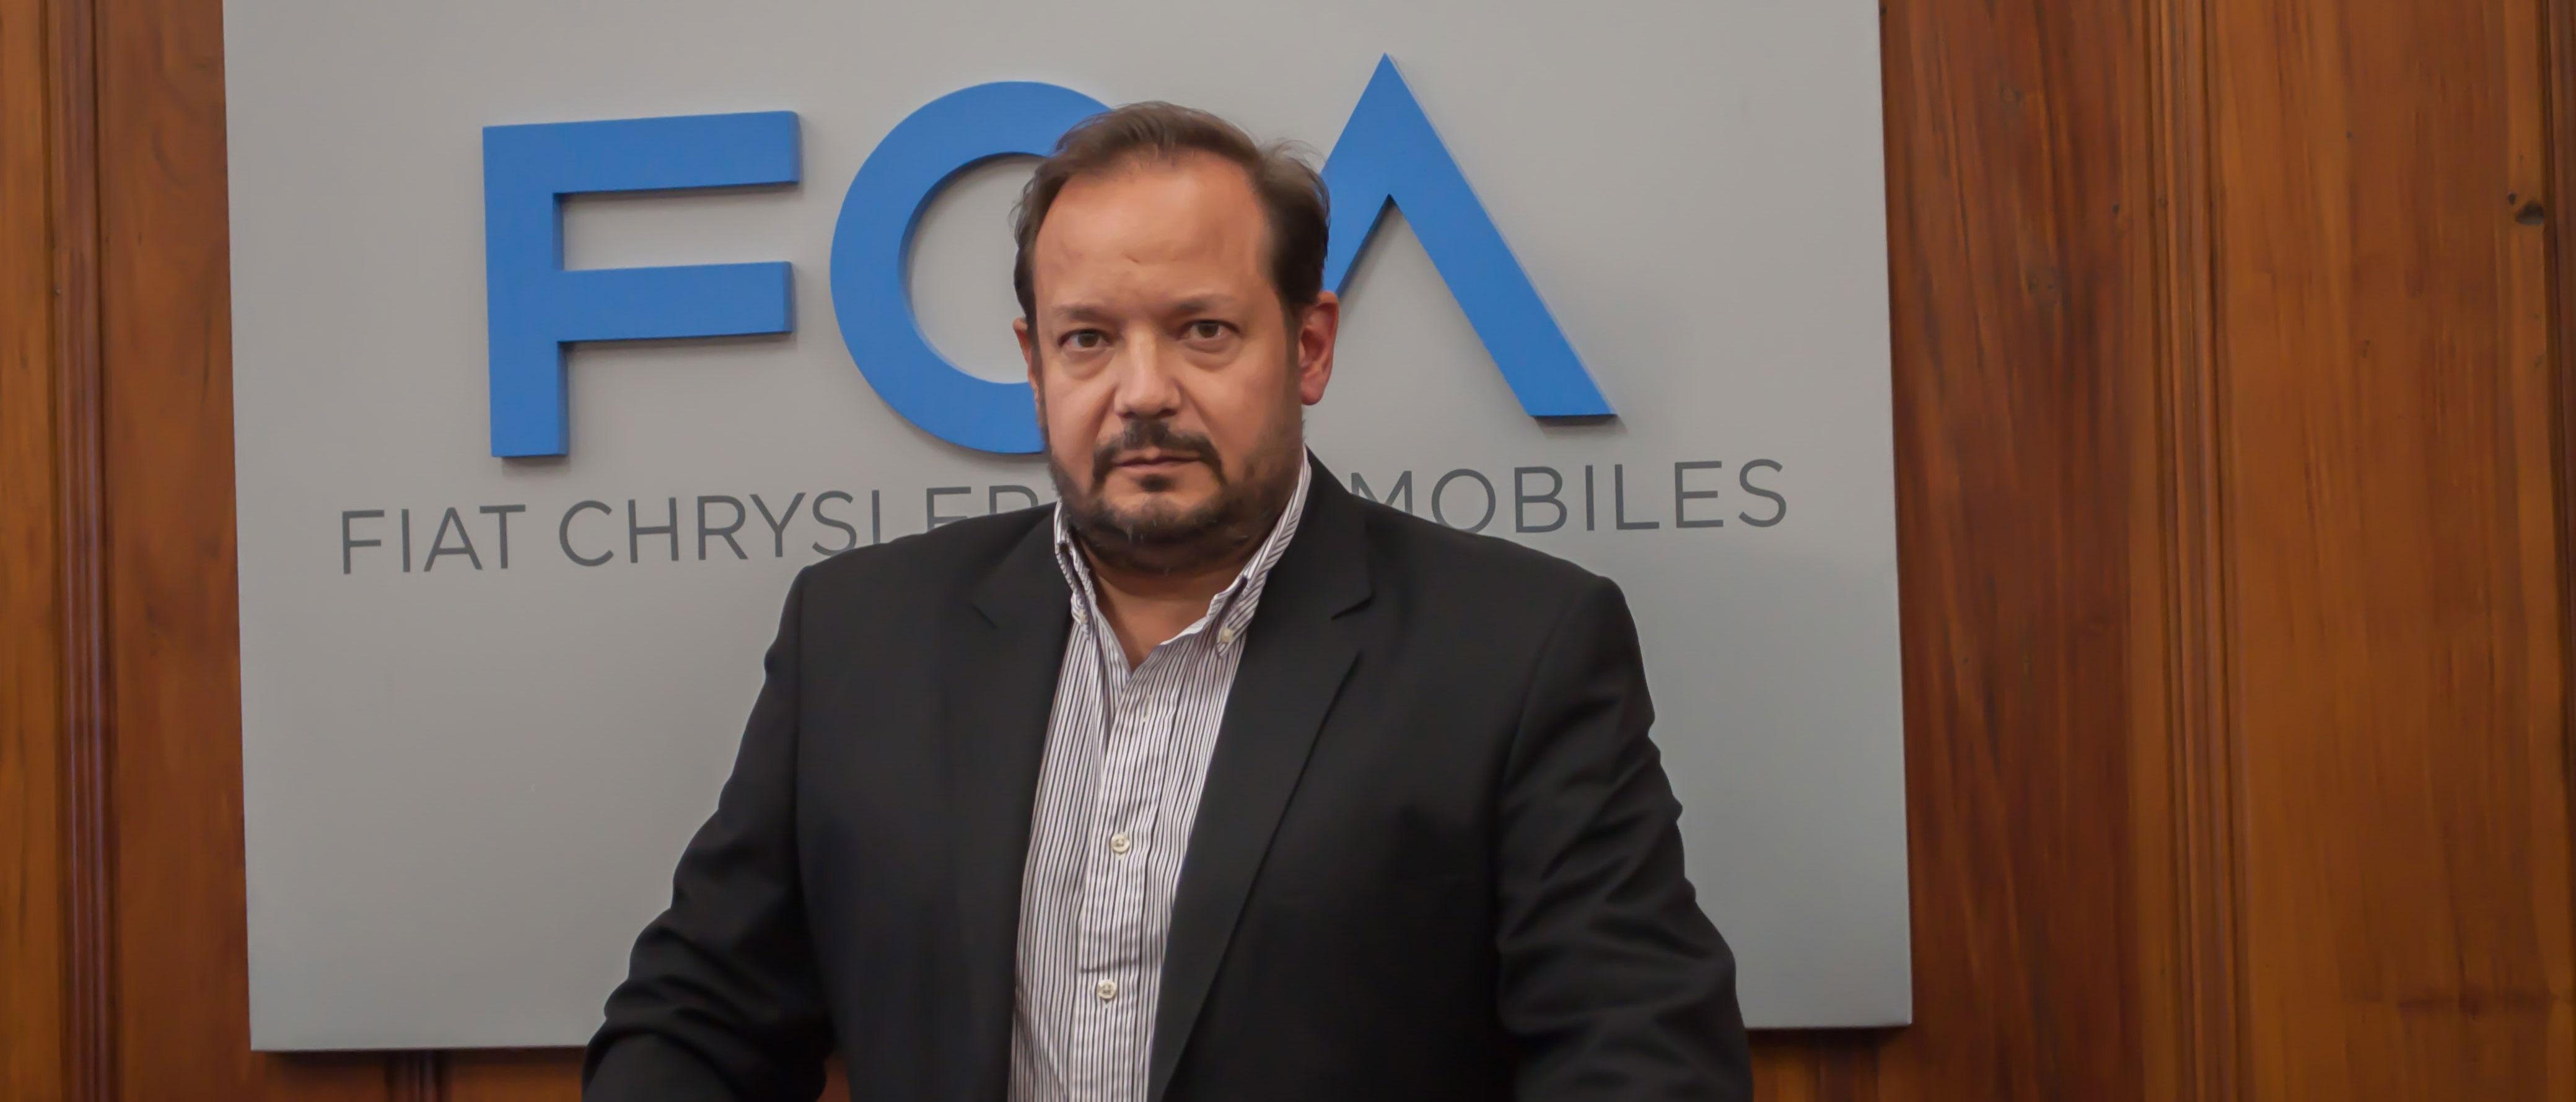 Nuevo Director de Compras en FCA Argentina